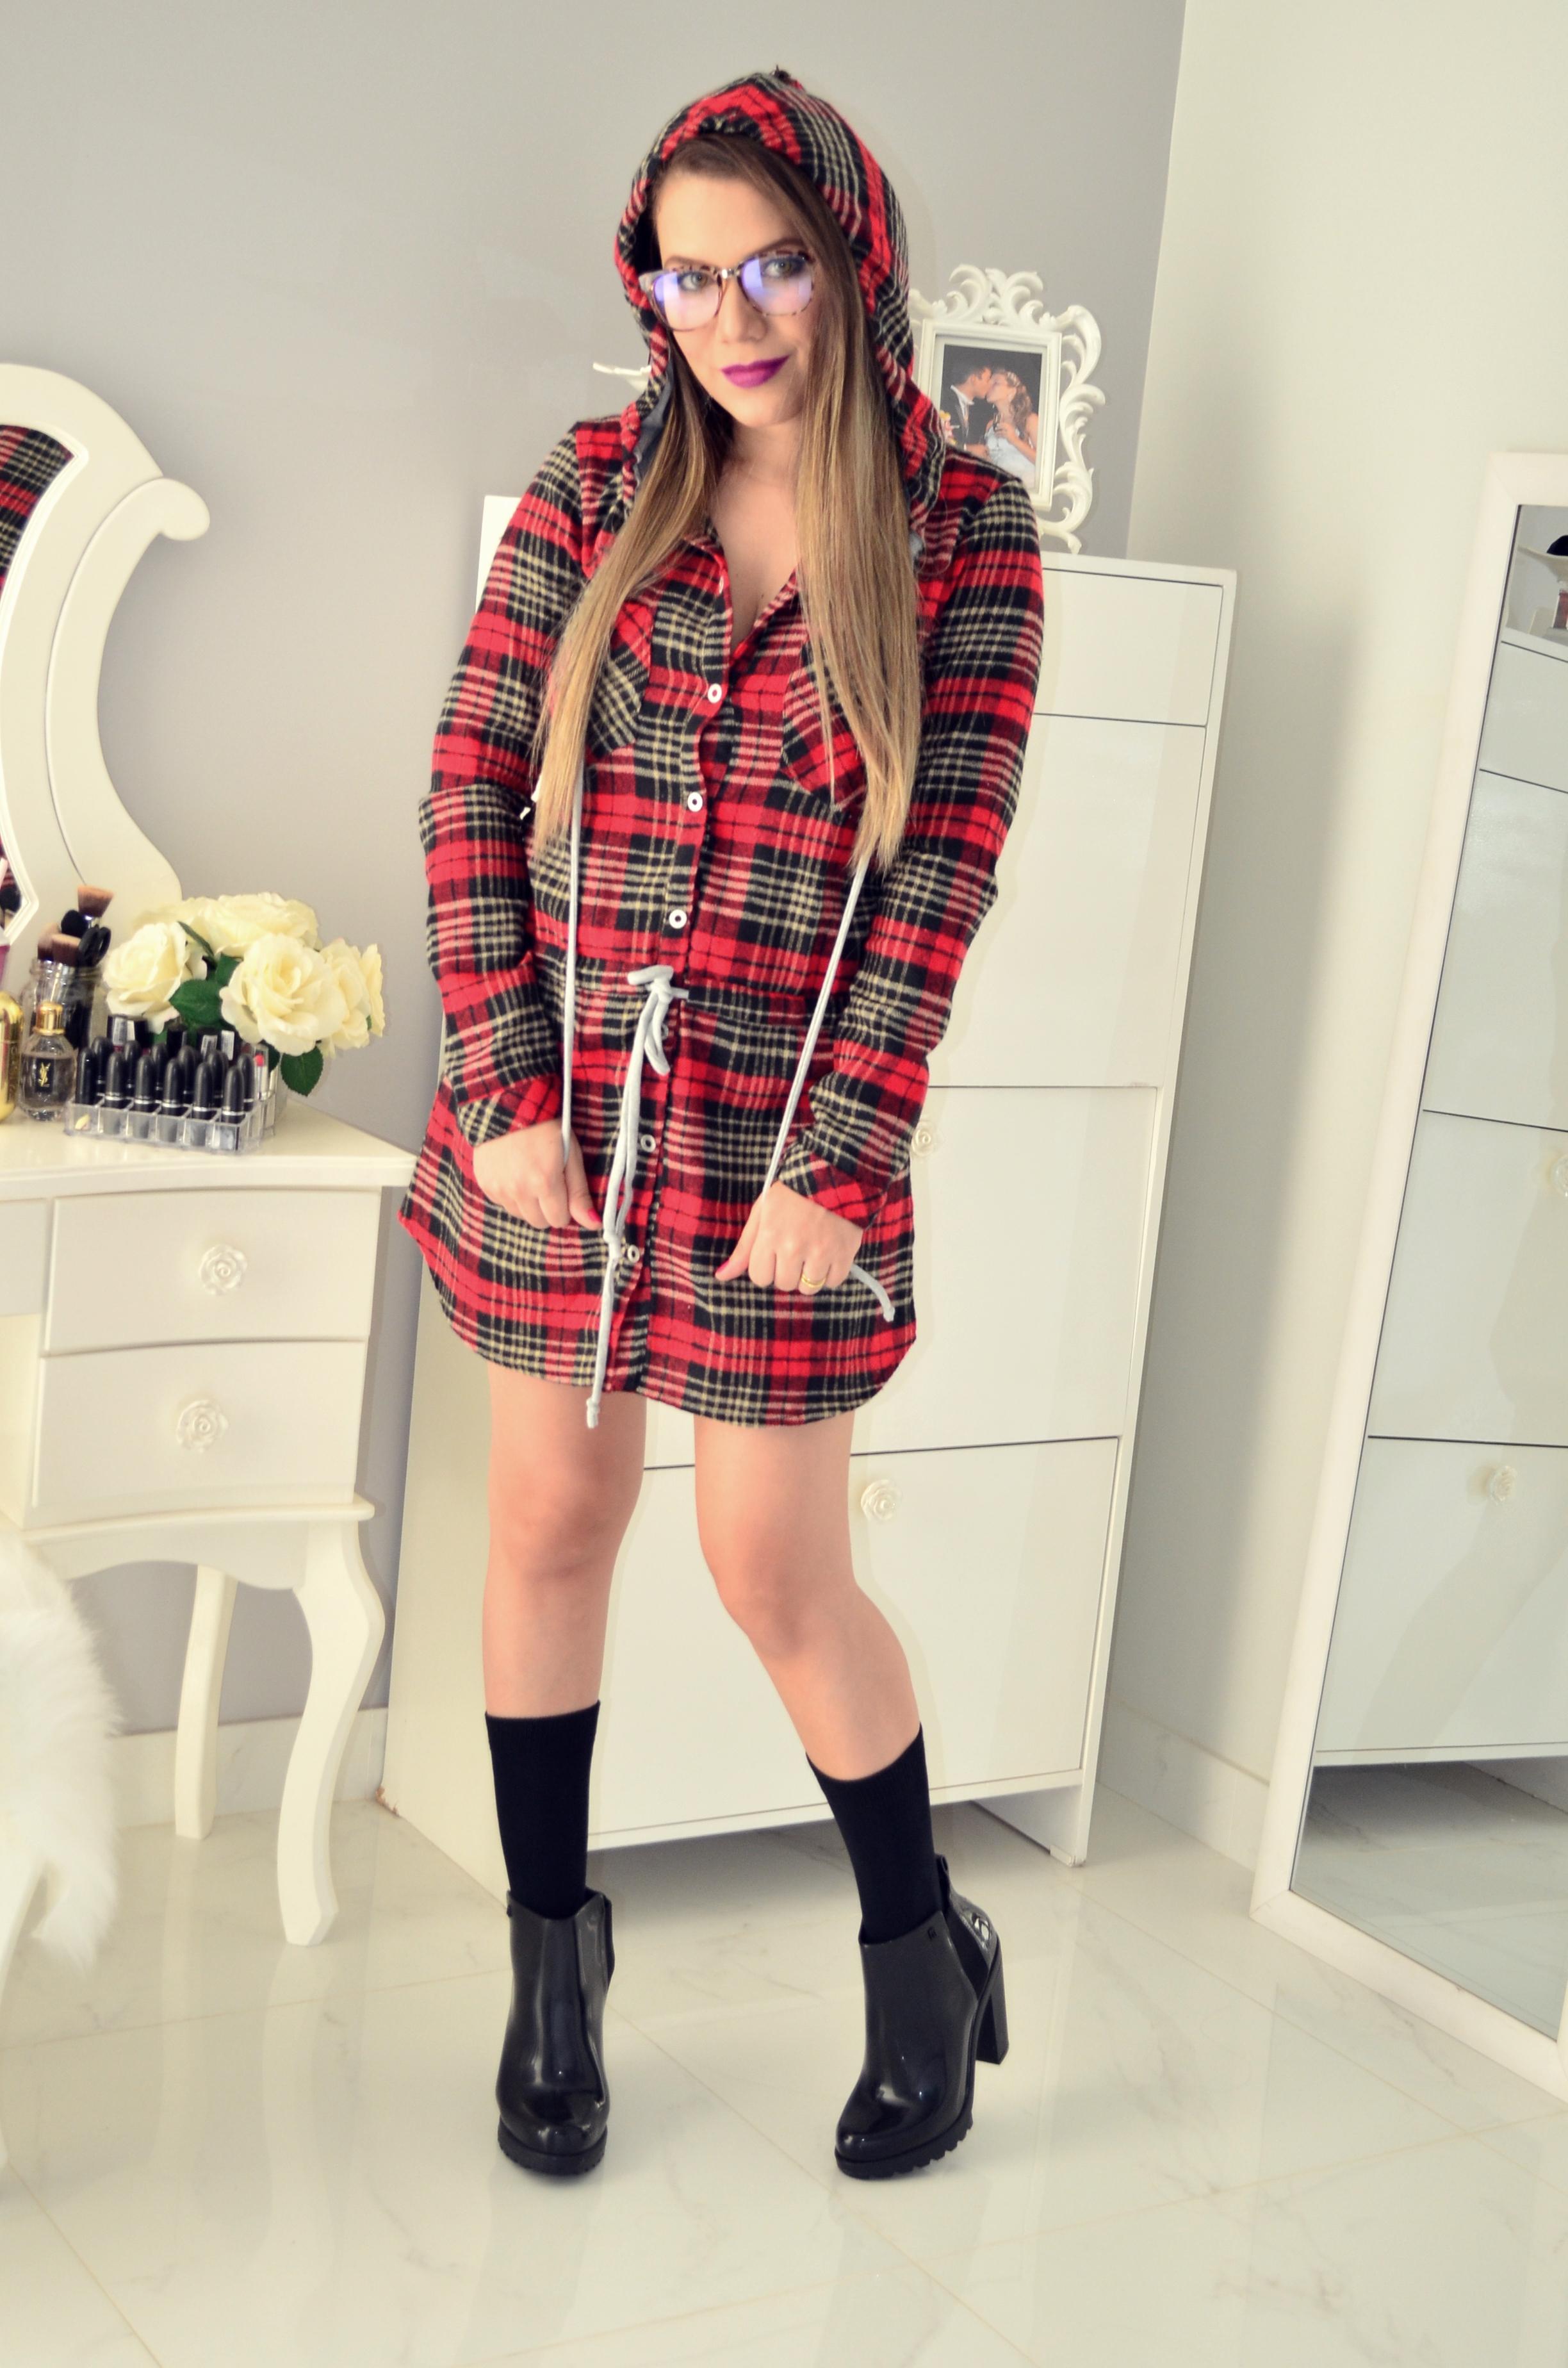 vestido xadrez e bota melissa 4